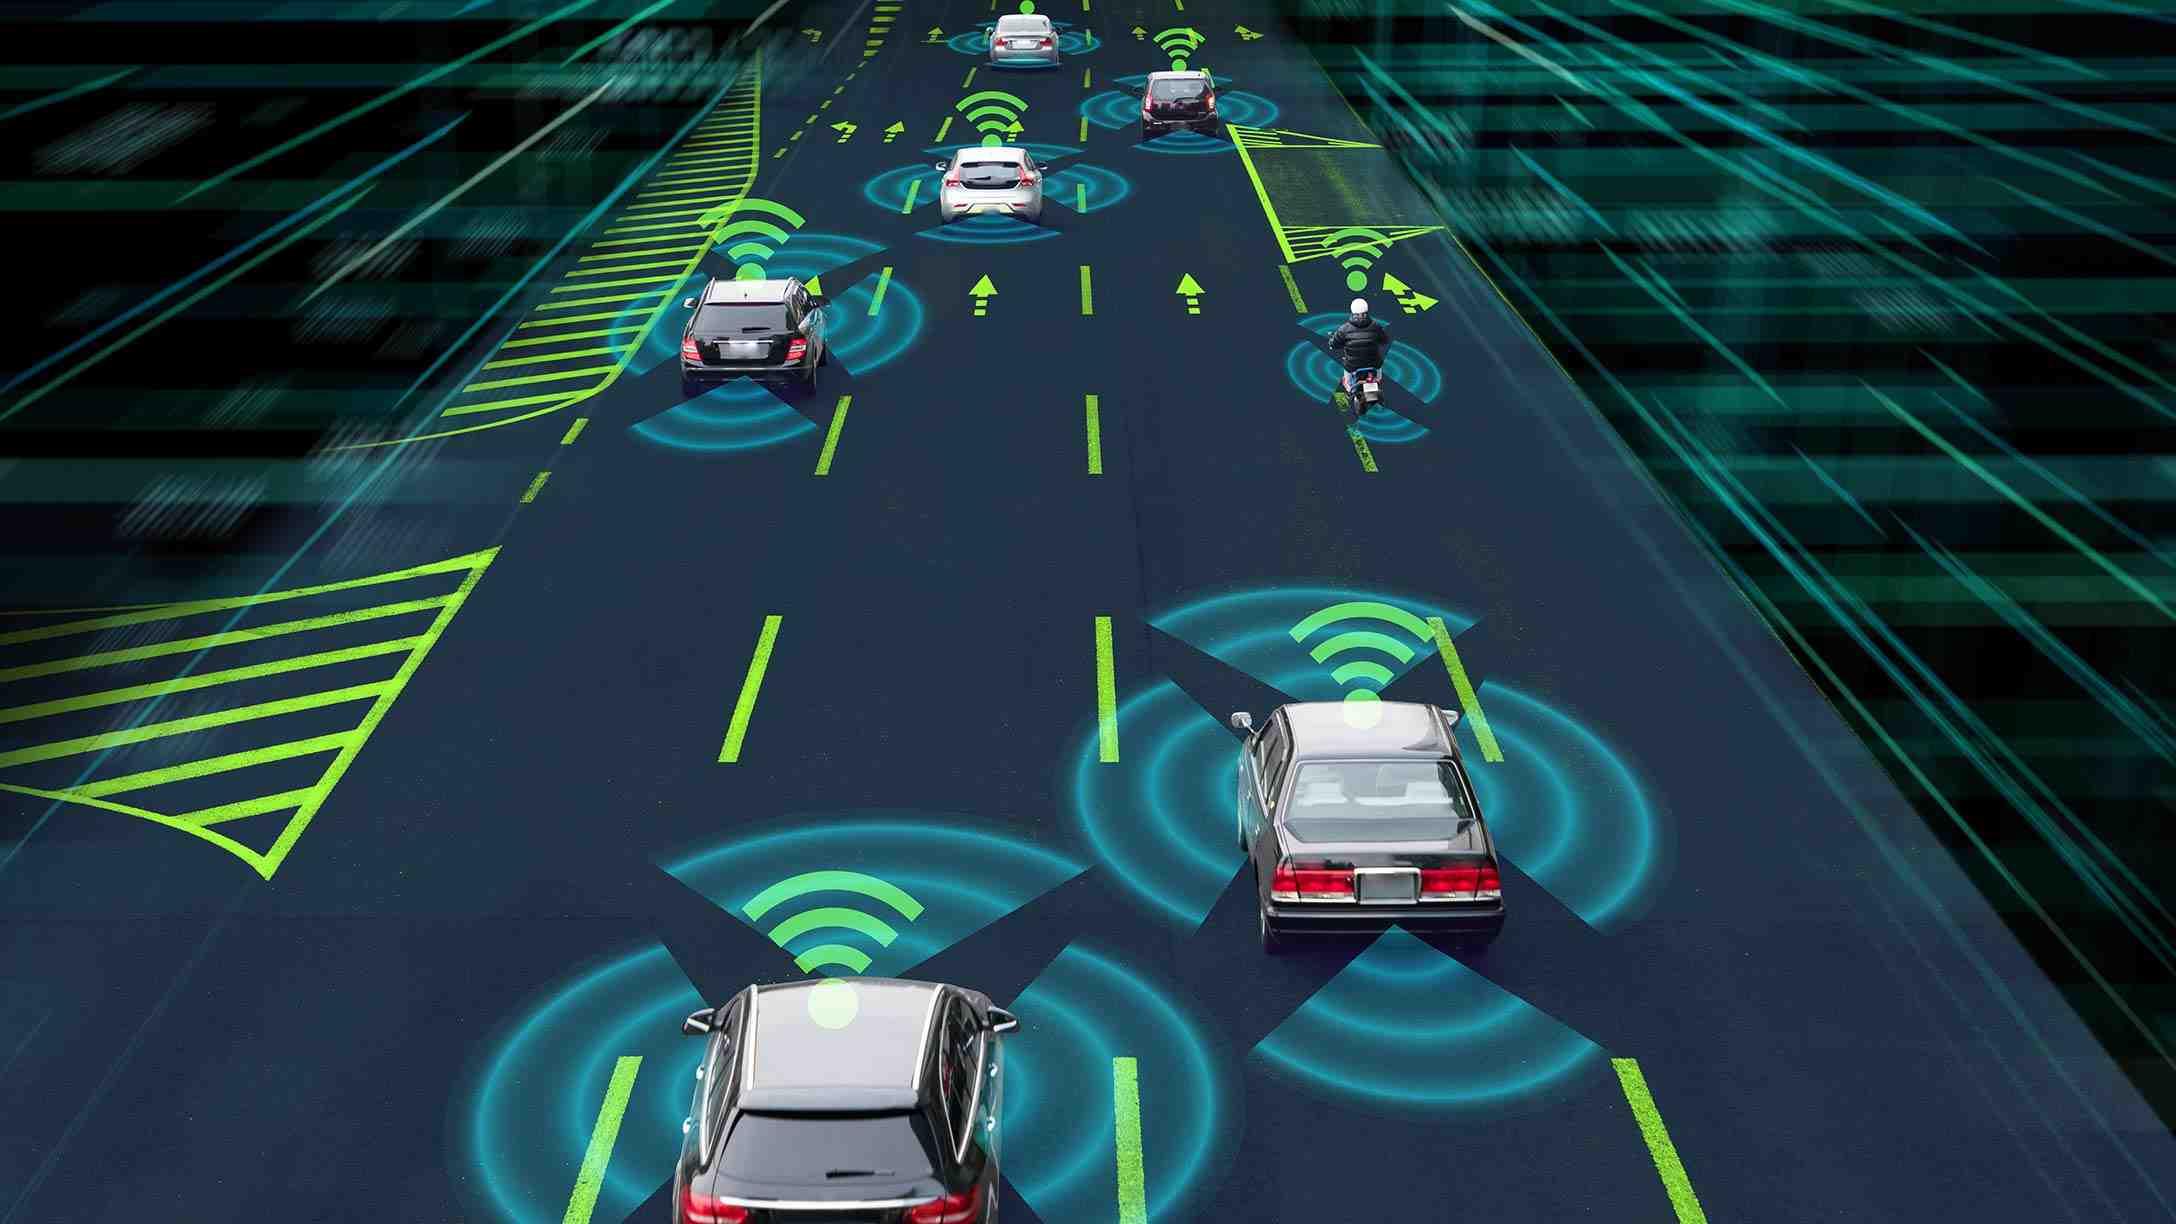 Imagen digital de vehículos circulando en una autopista, con líneas de connexión wi-fi